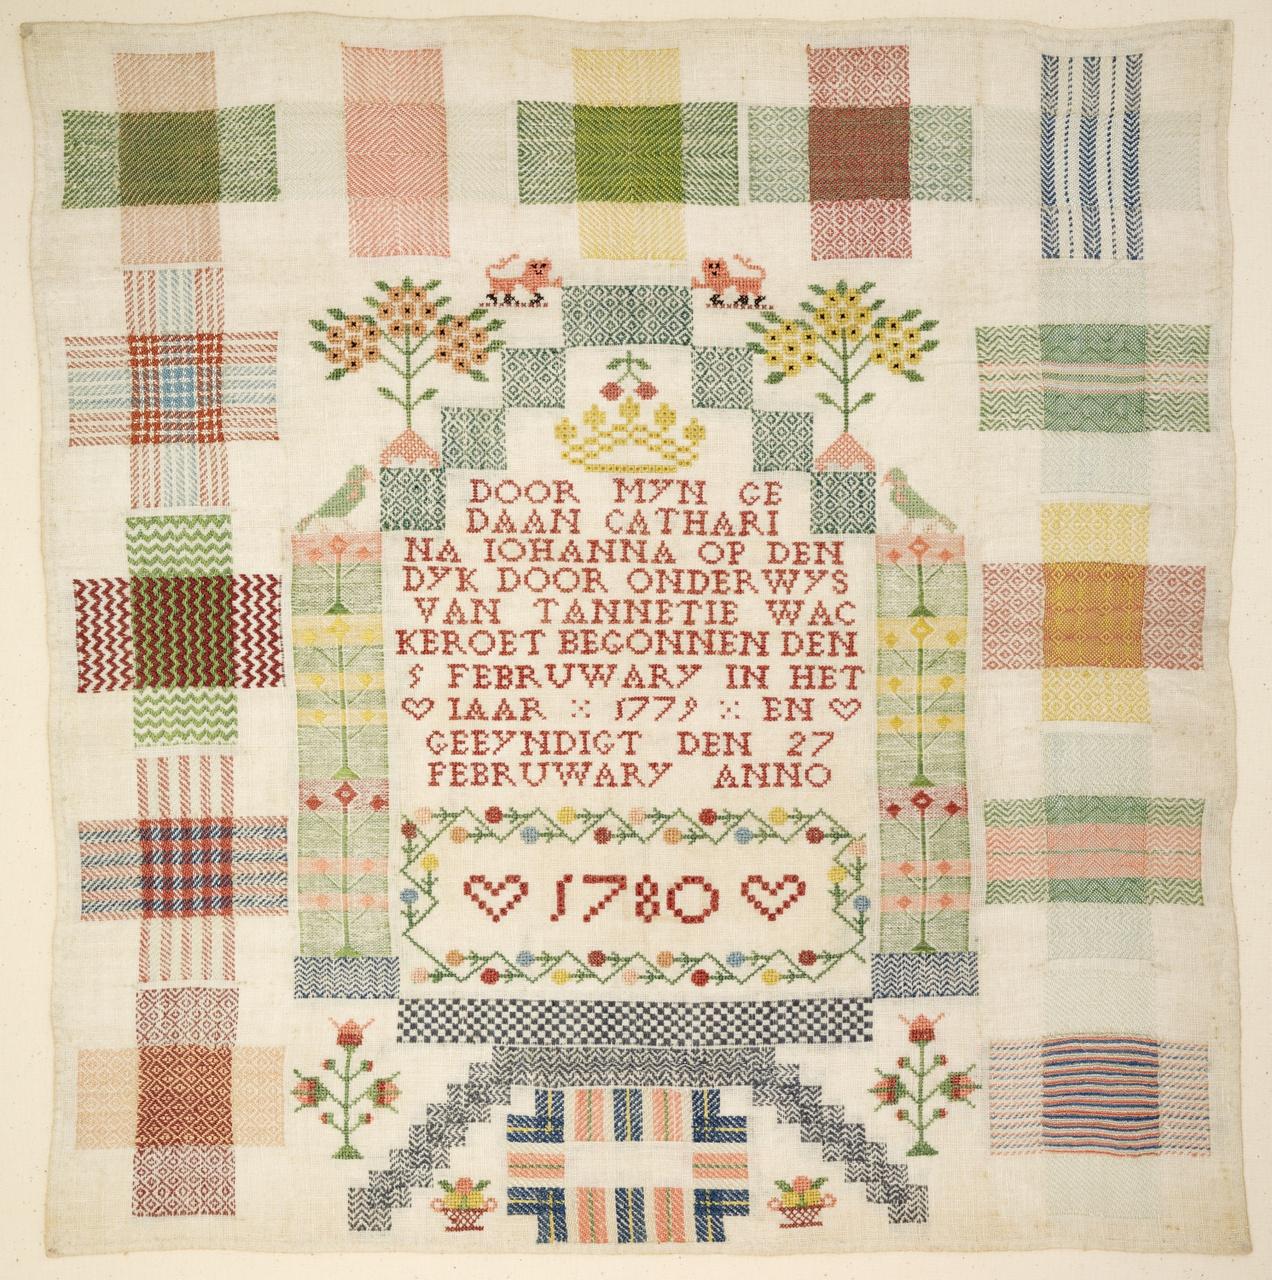 Stoplap van Catharina Johanna op den Dijk, 1780 door onderwijs van Tannetje Wackeroet, Catharina Johanna op den Dijk